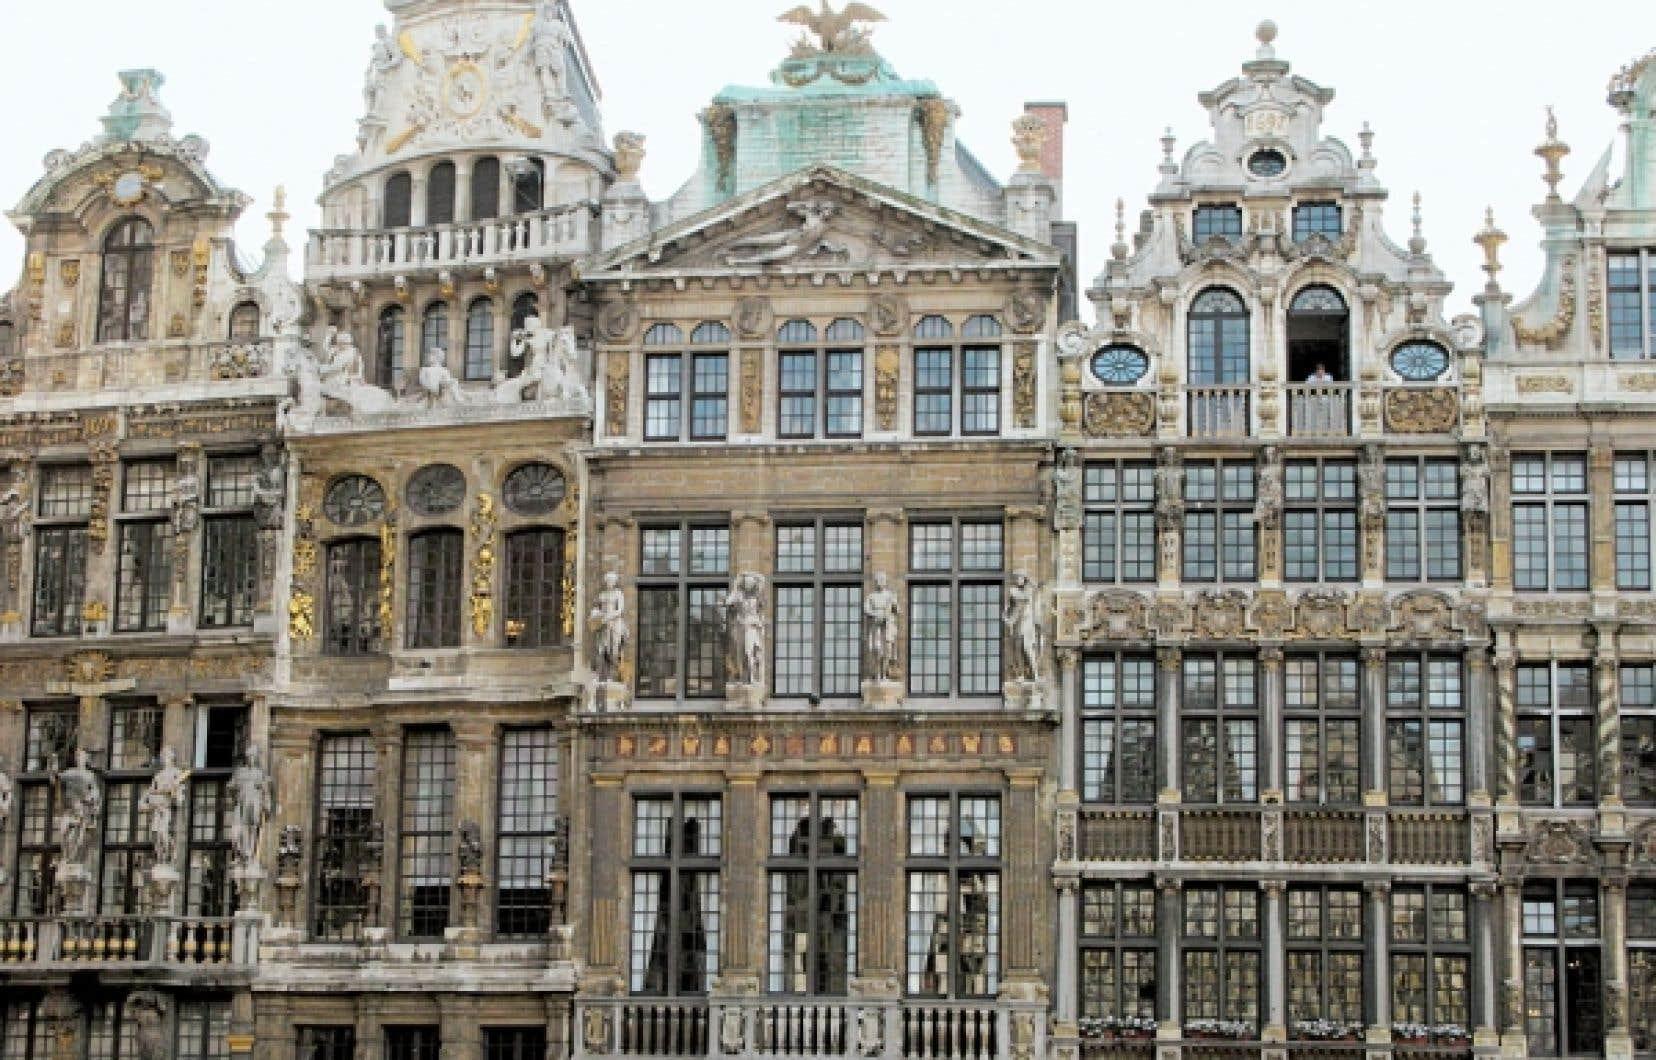 La Grand-Place de Bruxelles, classée au Patrimoine mondial de l'humanité par l'UNESCO.